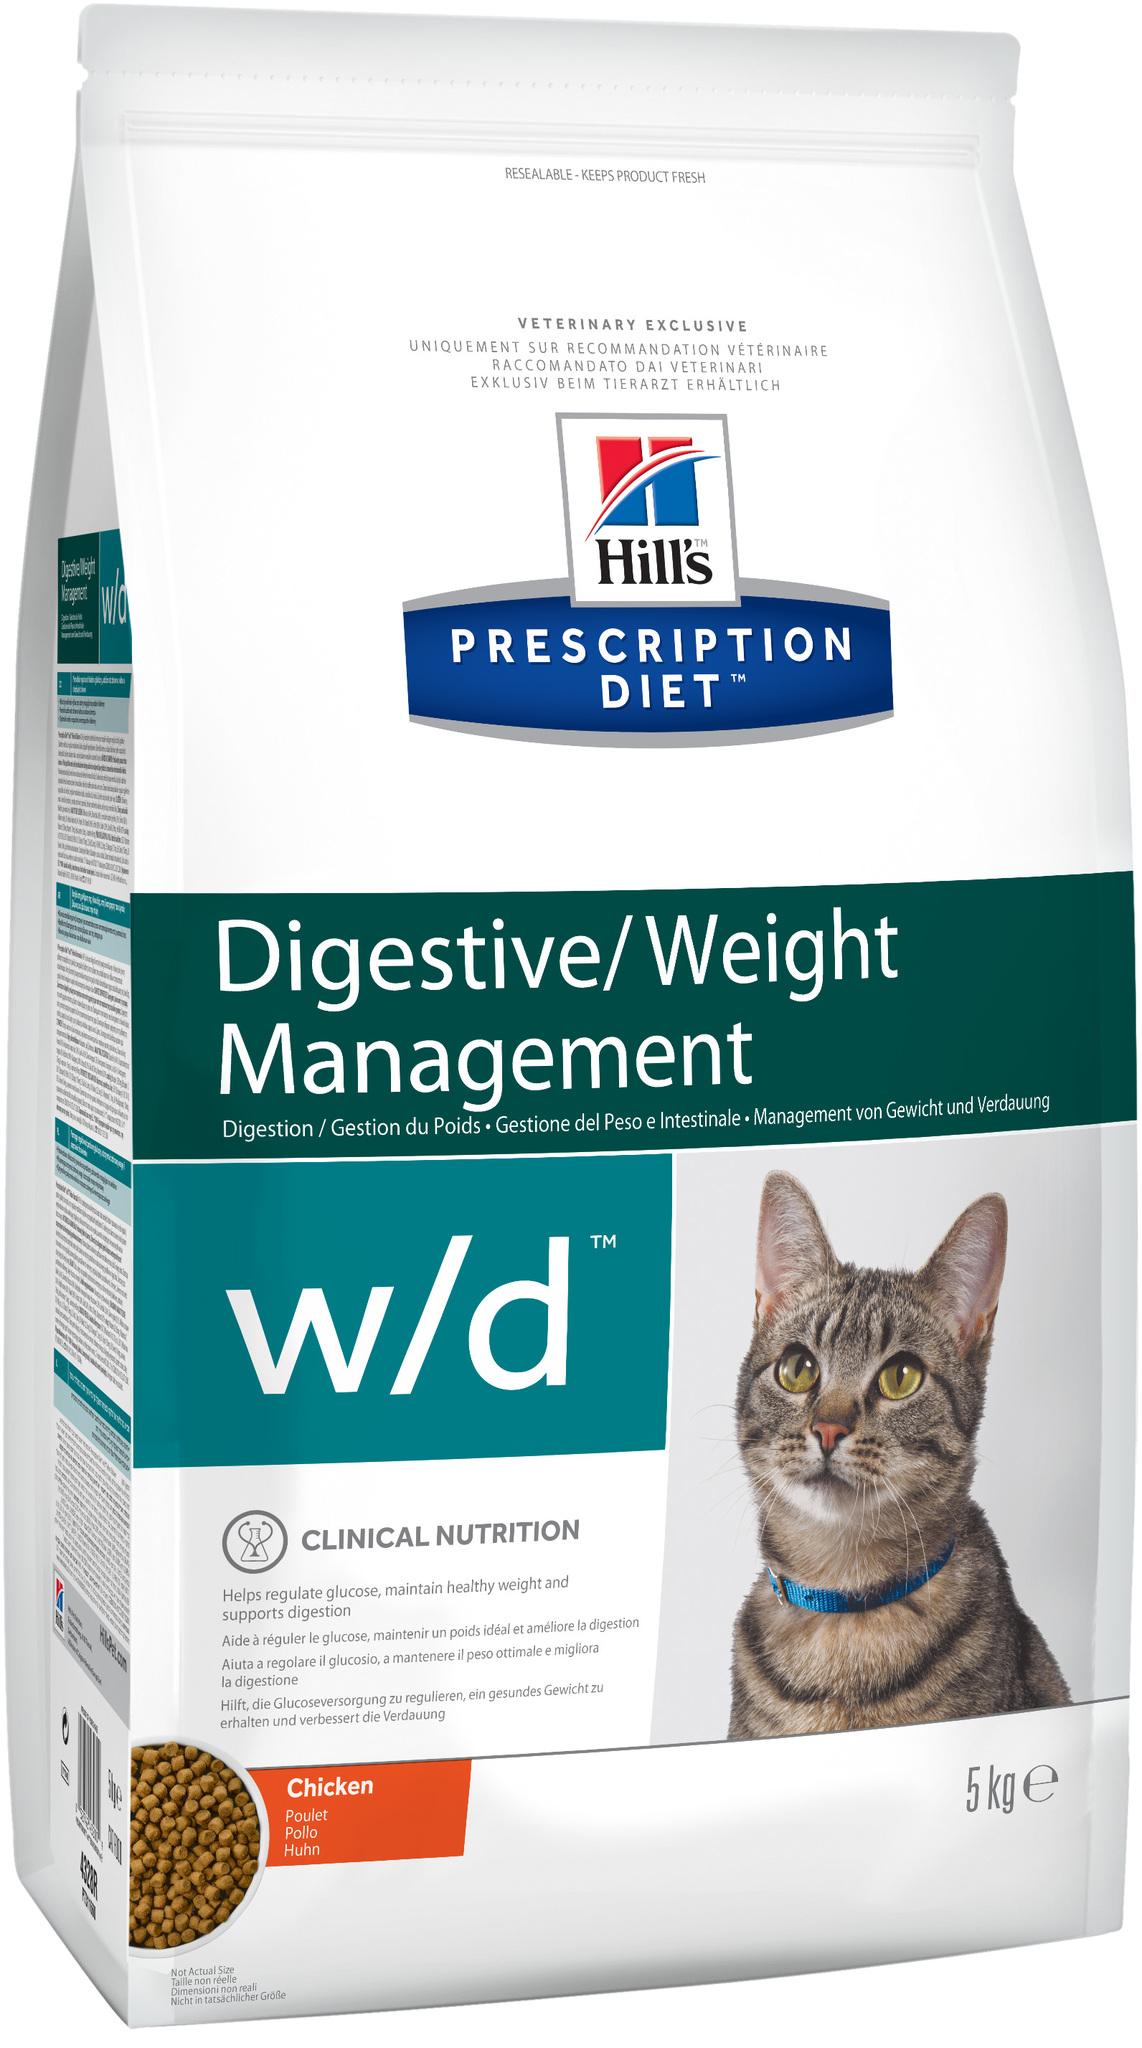 купить хиллс Hill's™ Prescription Diet™ w/d Digestive/Weight Managemen with Chicken сухой корм для взрослых кошек, диетический рацион при сахарном диабете, запорах, колитах 5 кг